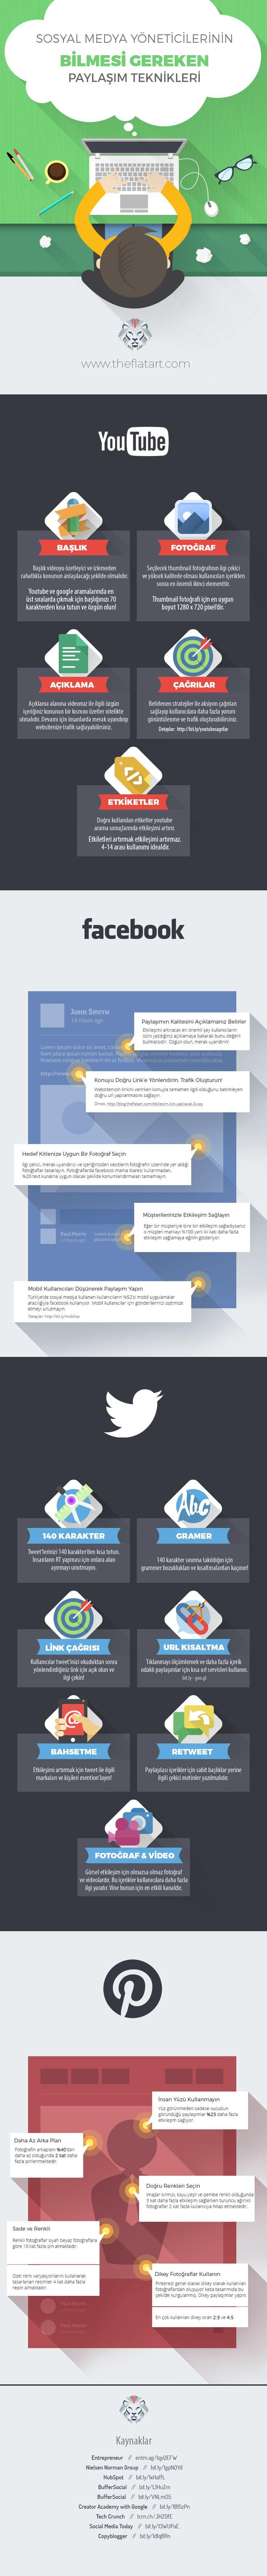 Sosyal Medya Yöneticilerinin Bilmesi Gereken Paylaşım Teknikleri & Analizleri